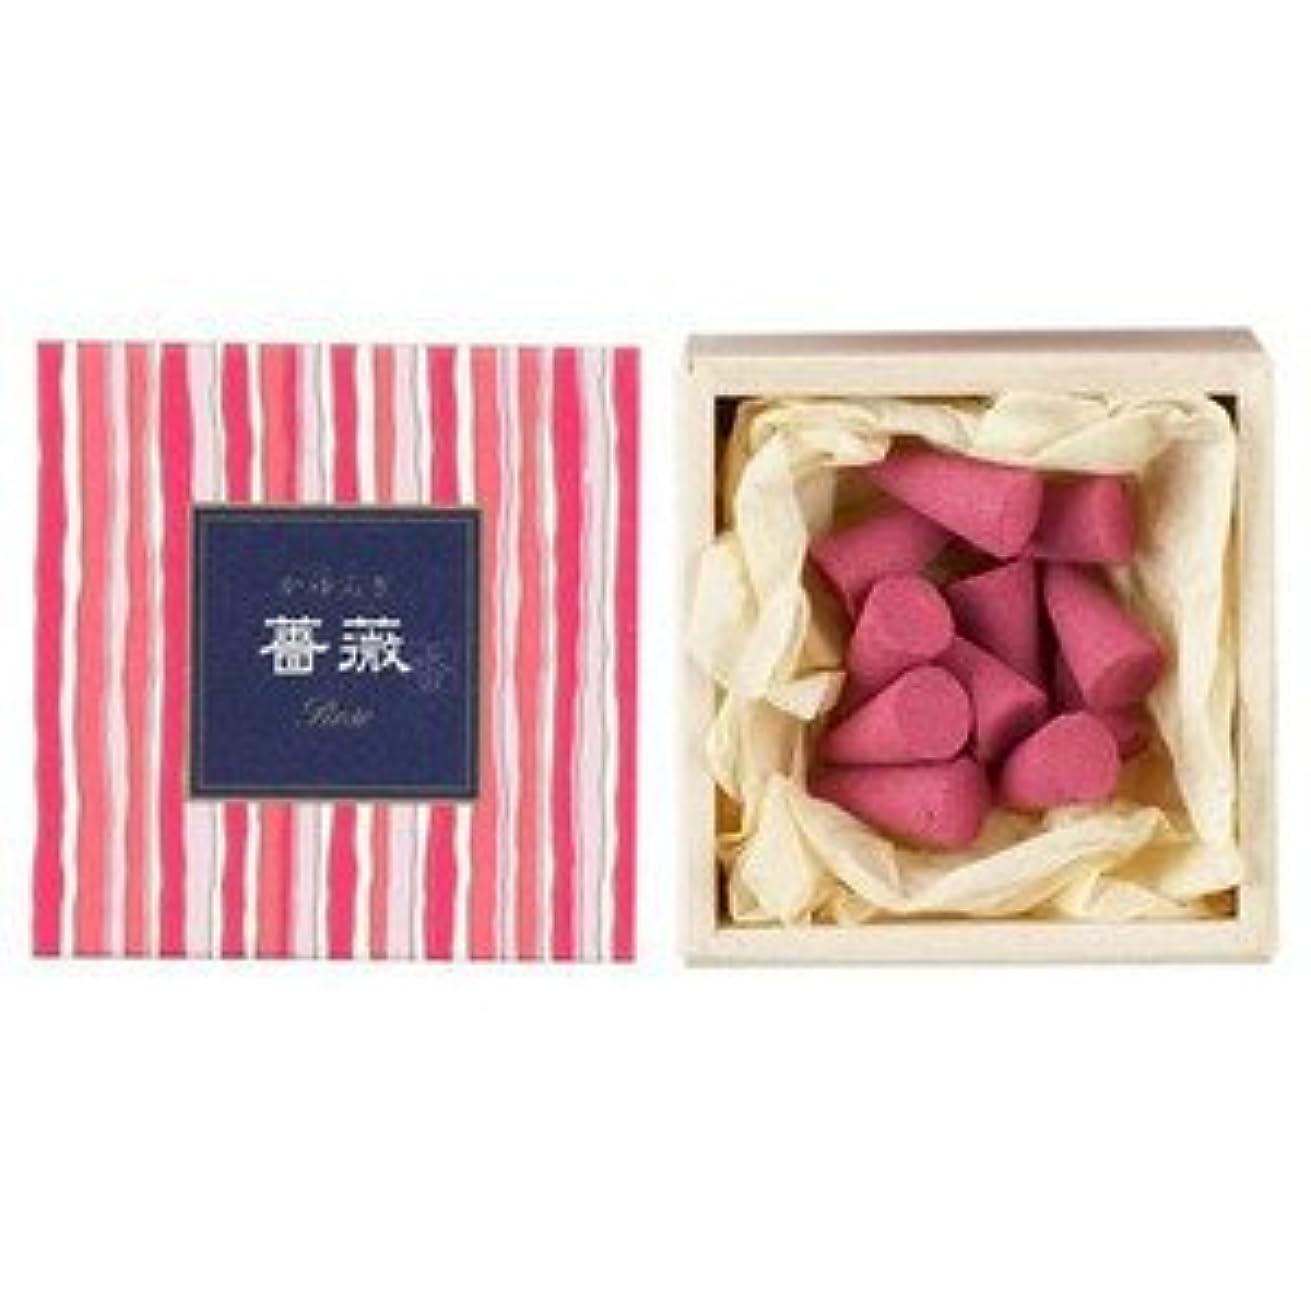 あいまいさスーパーマーケットエッセンス日本香堂 かゆらぎコーン 薔薇